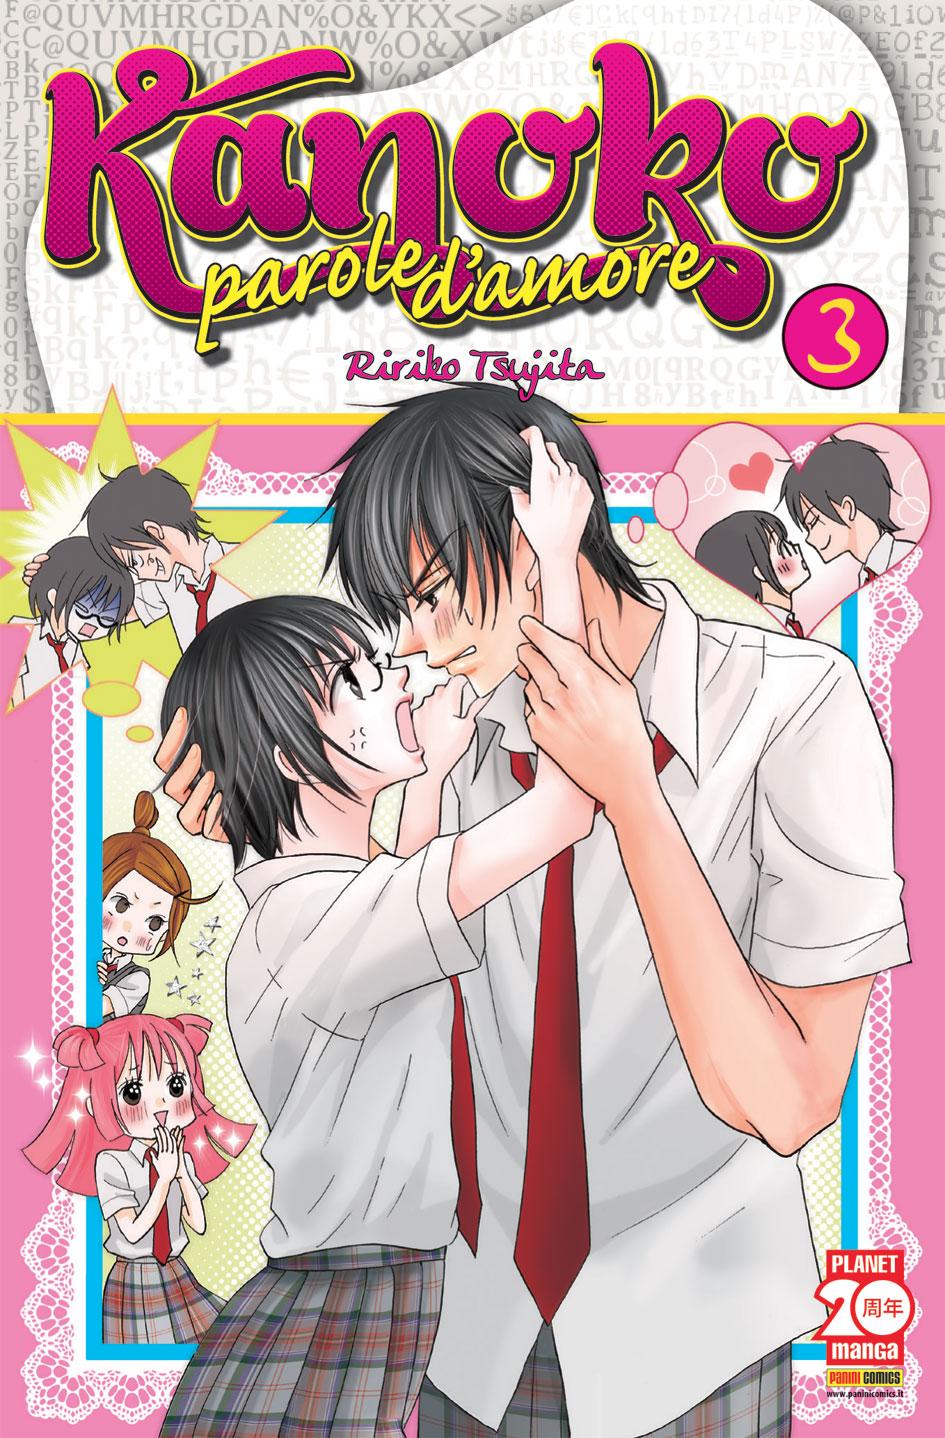 Kanoko, parole d'amore vol. 3